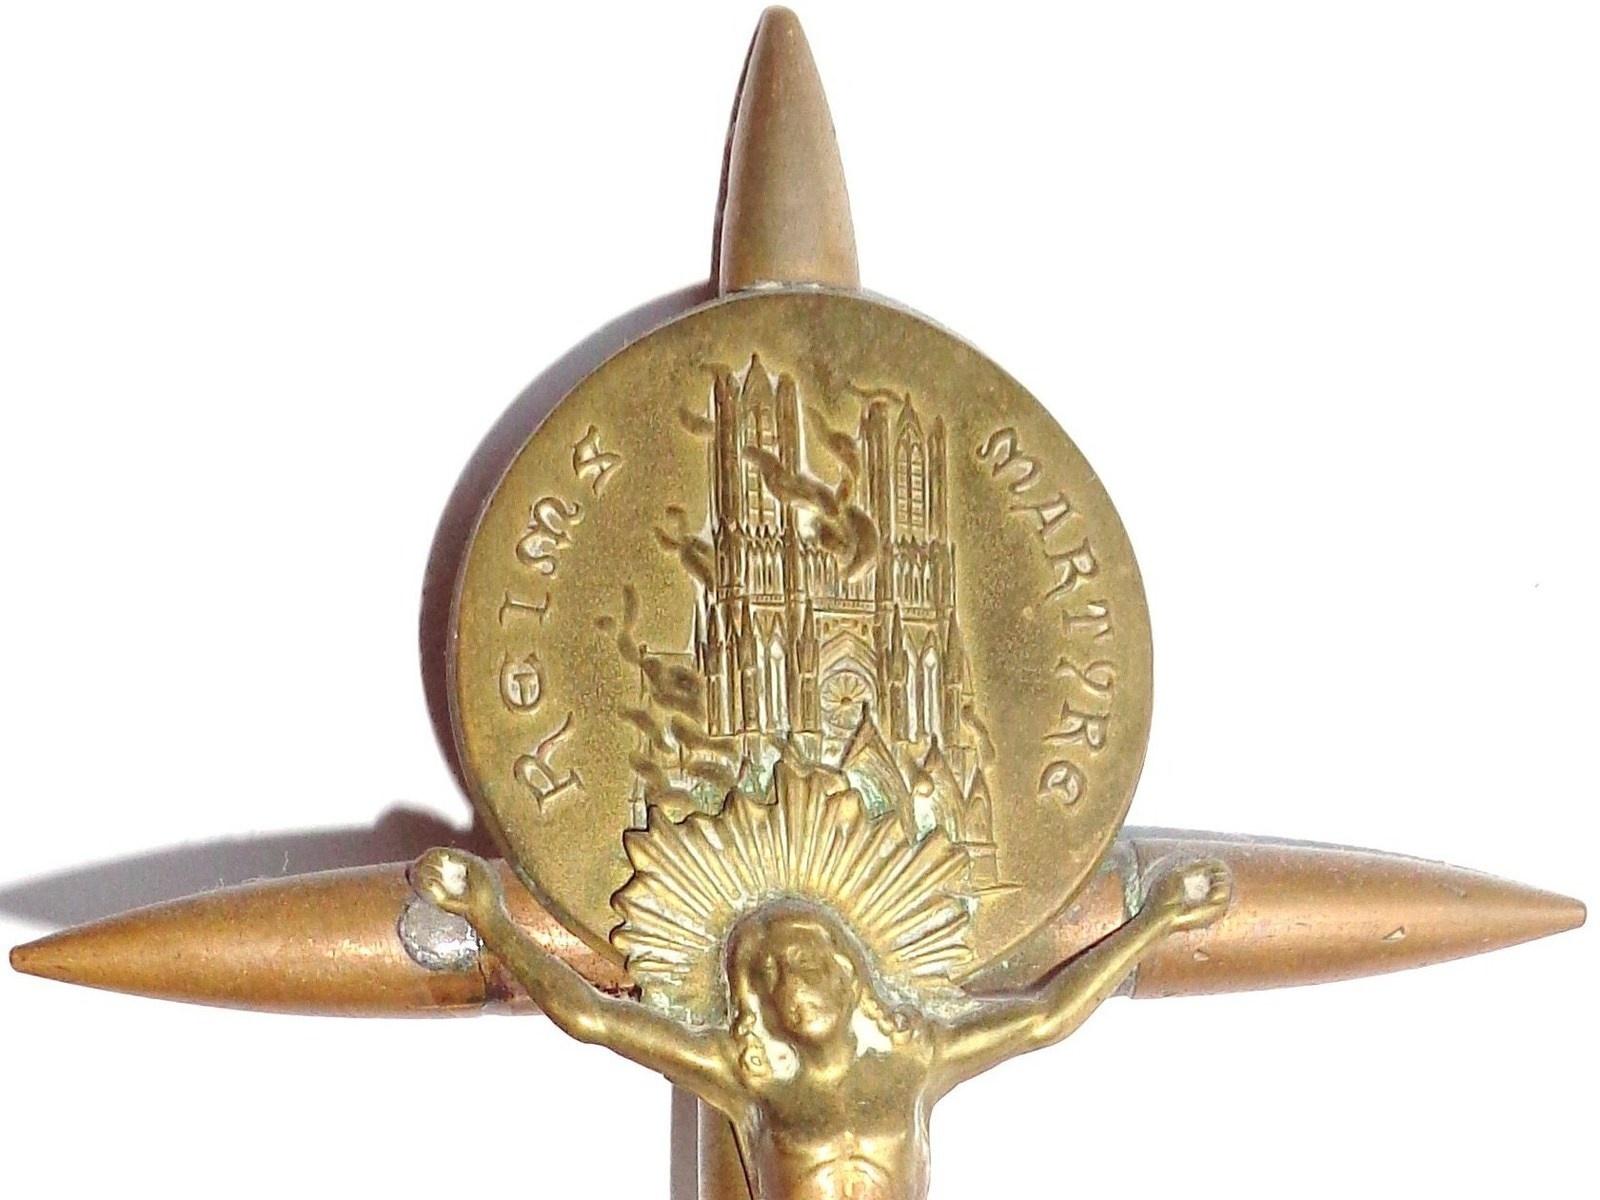 Artisanat de tranchée : Reims martyre - Reims 14-18